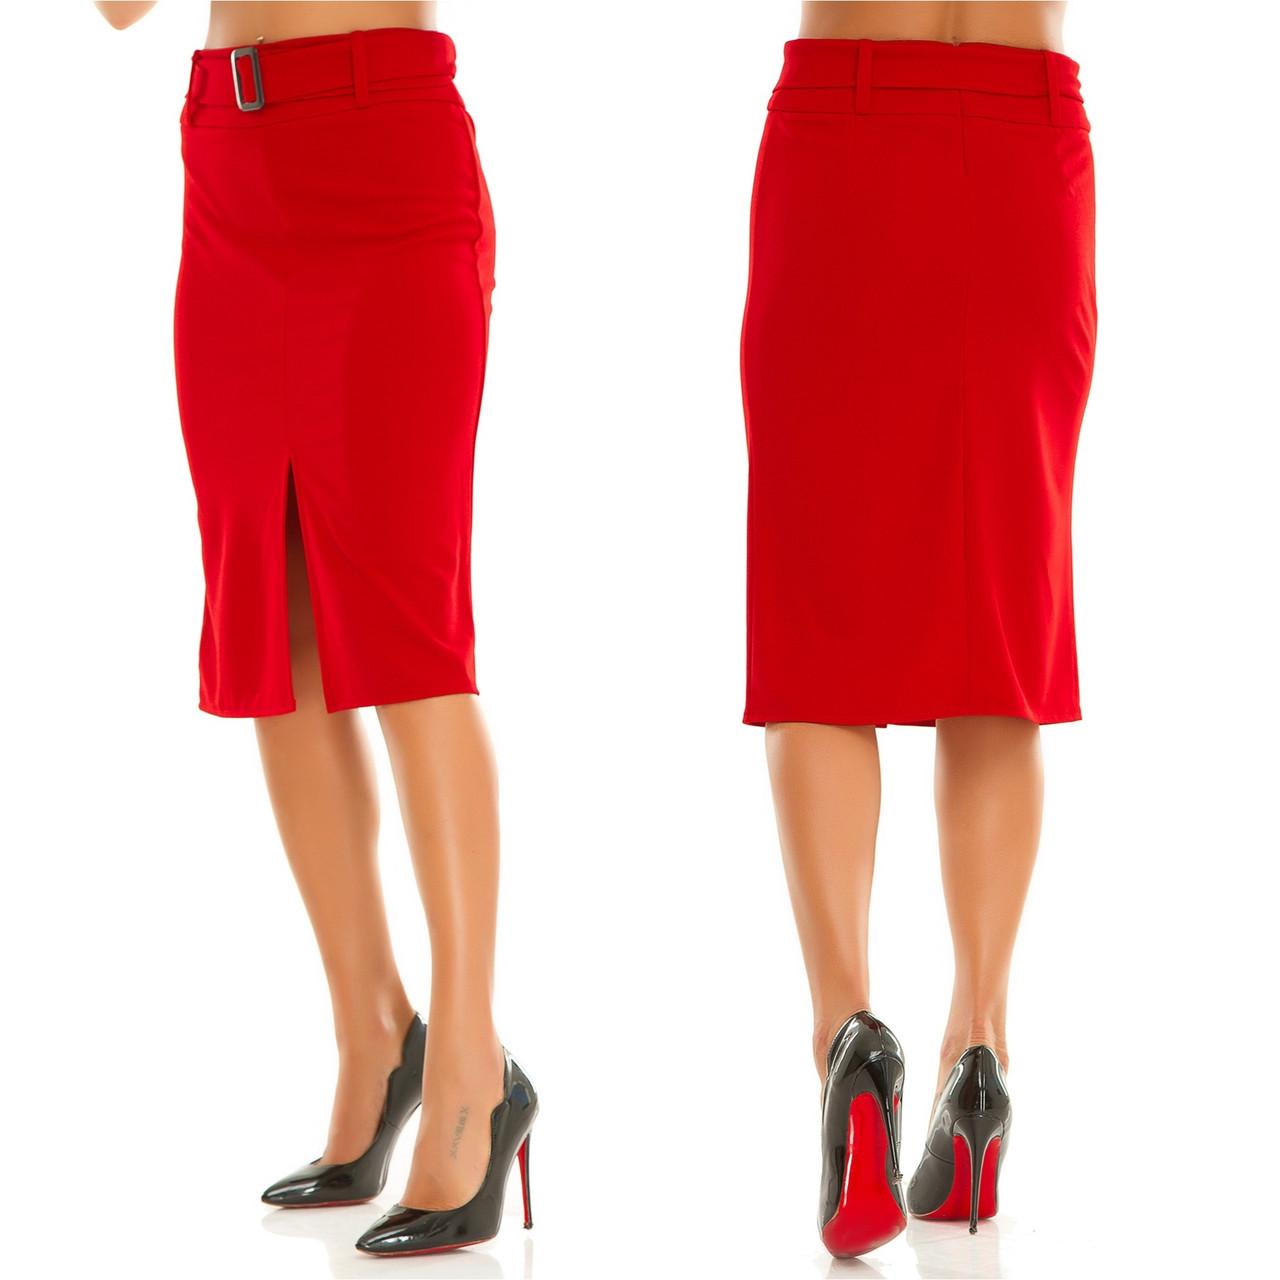 Женская юбка с поясом.Размеры:44-50.+Цвета